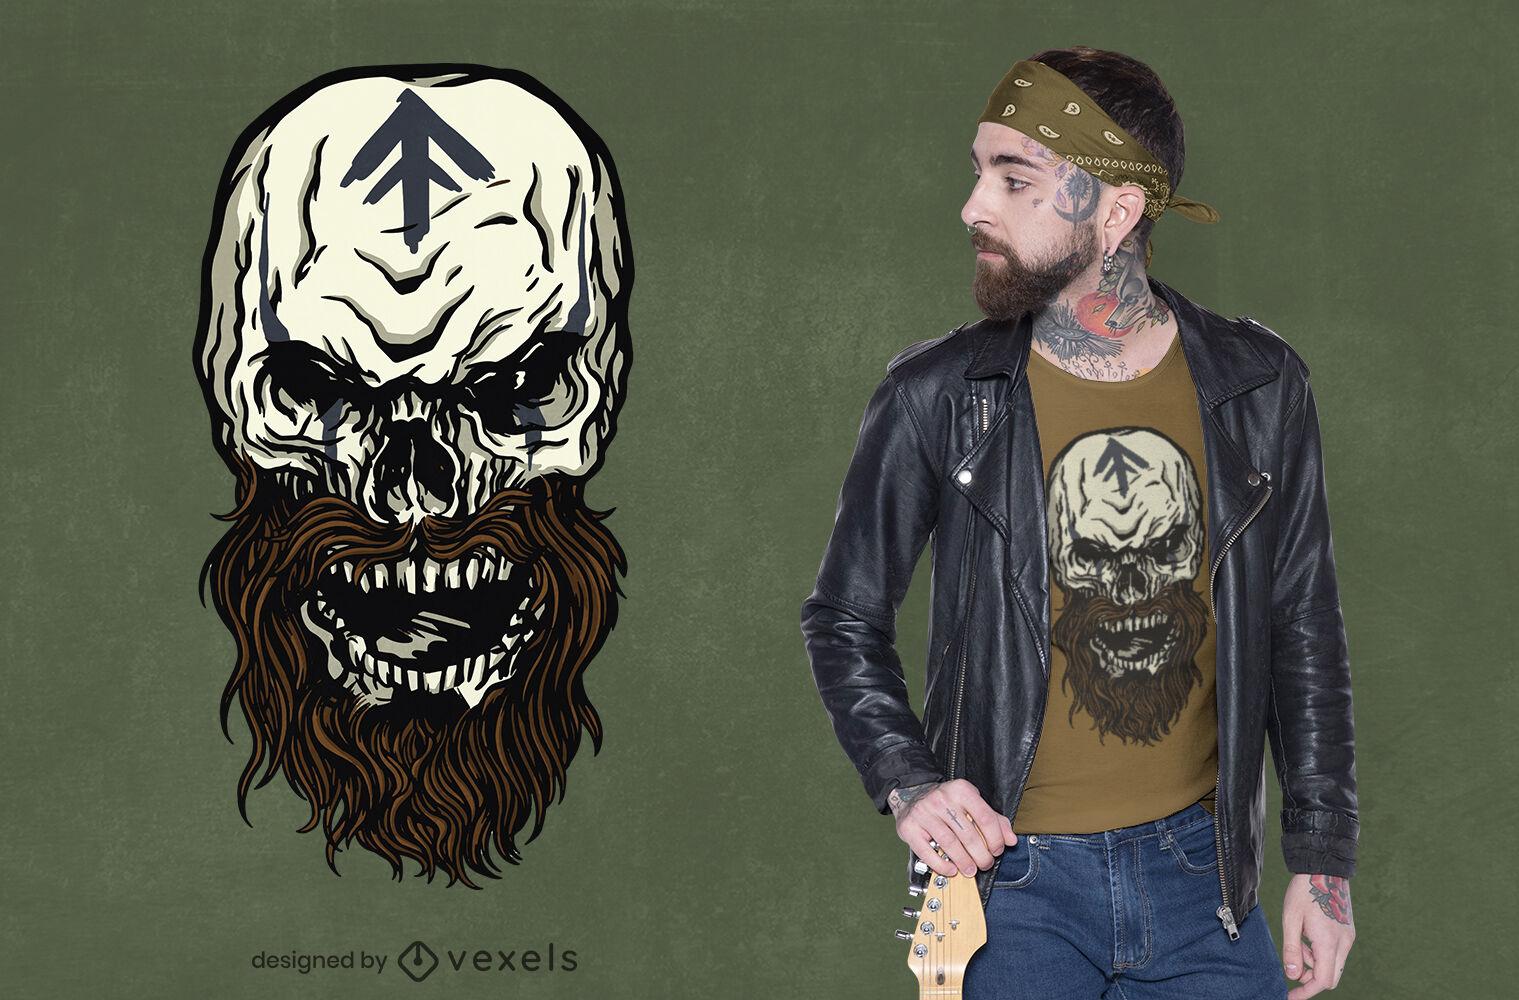 Viking skull monster t-shirt design